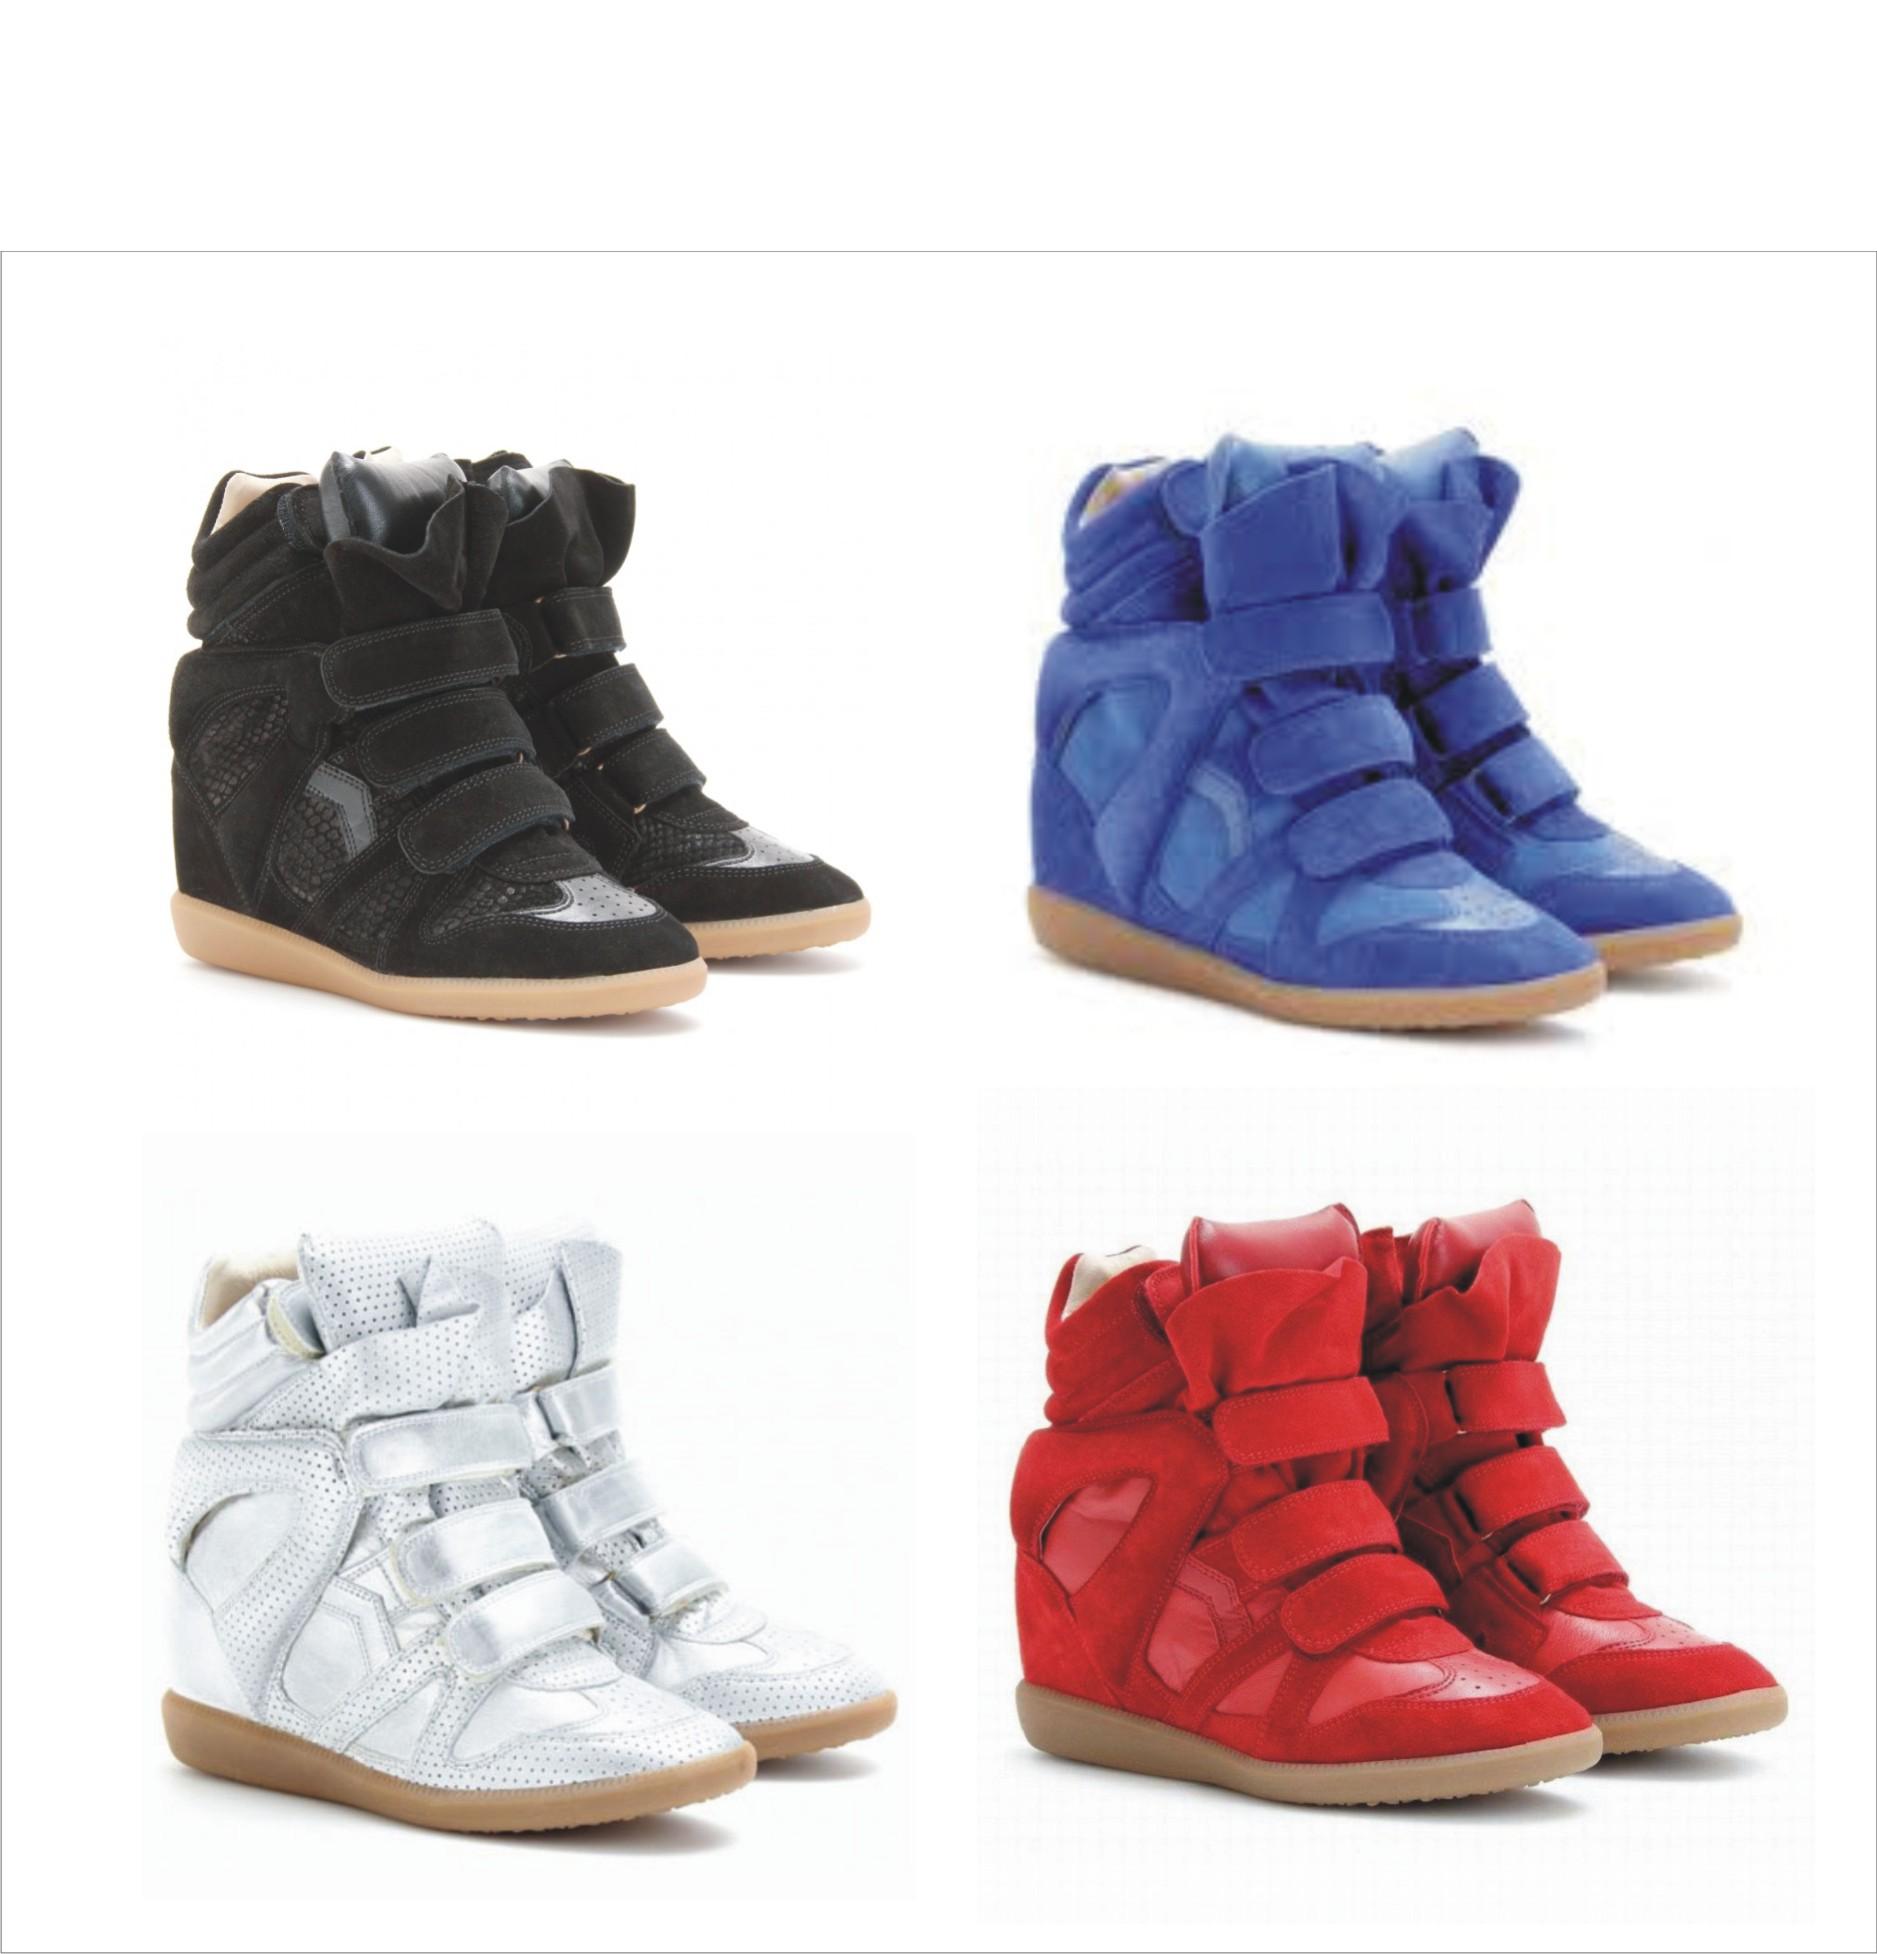 wedge reebok sneakers